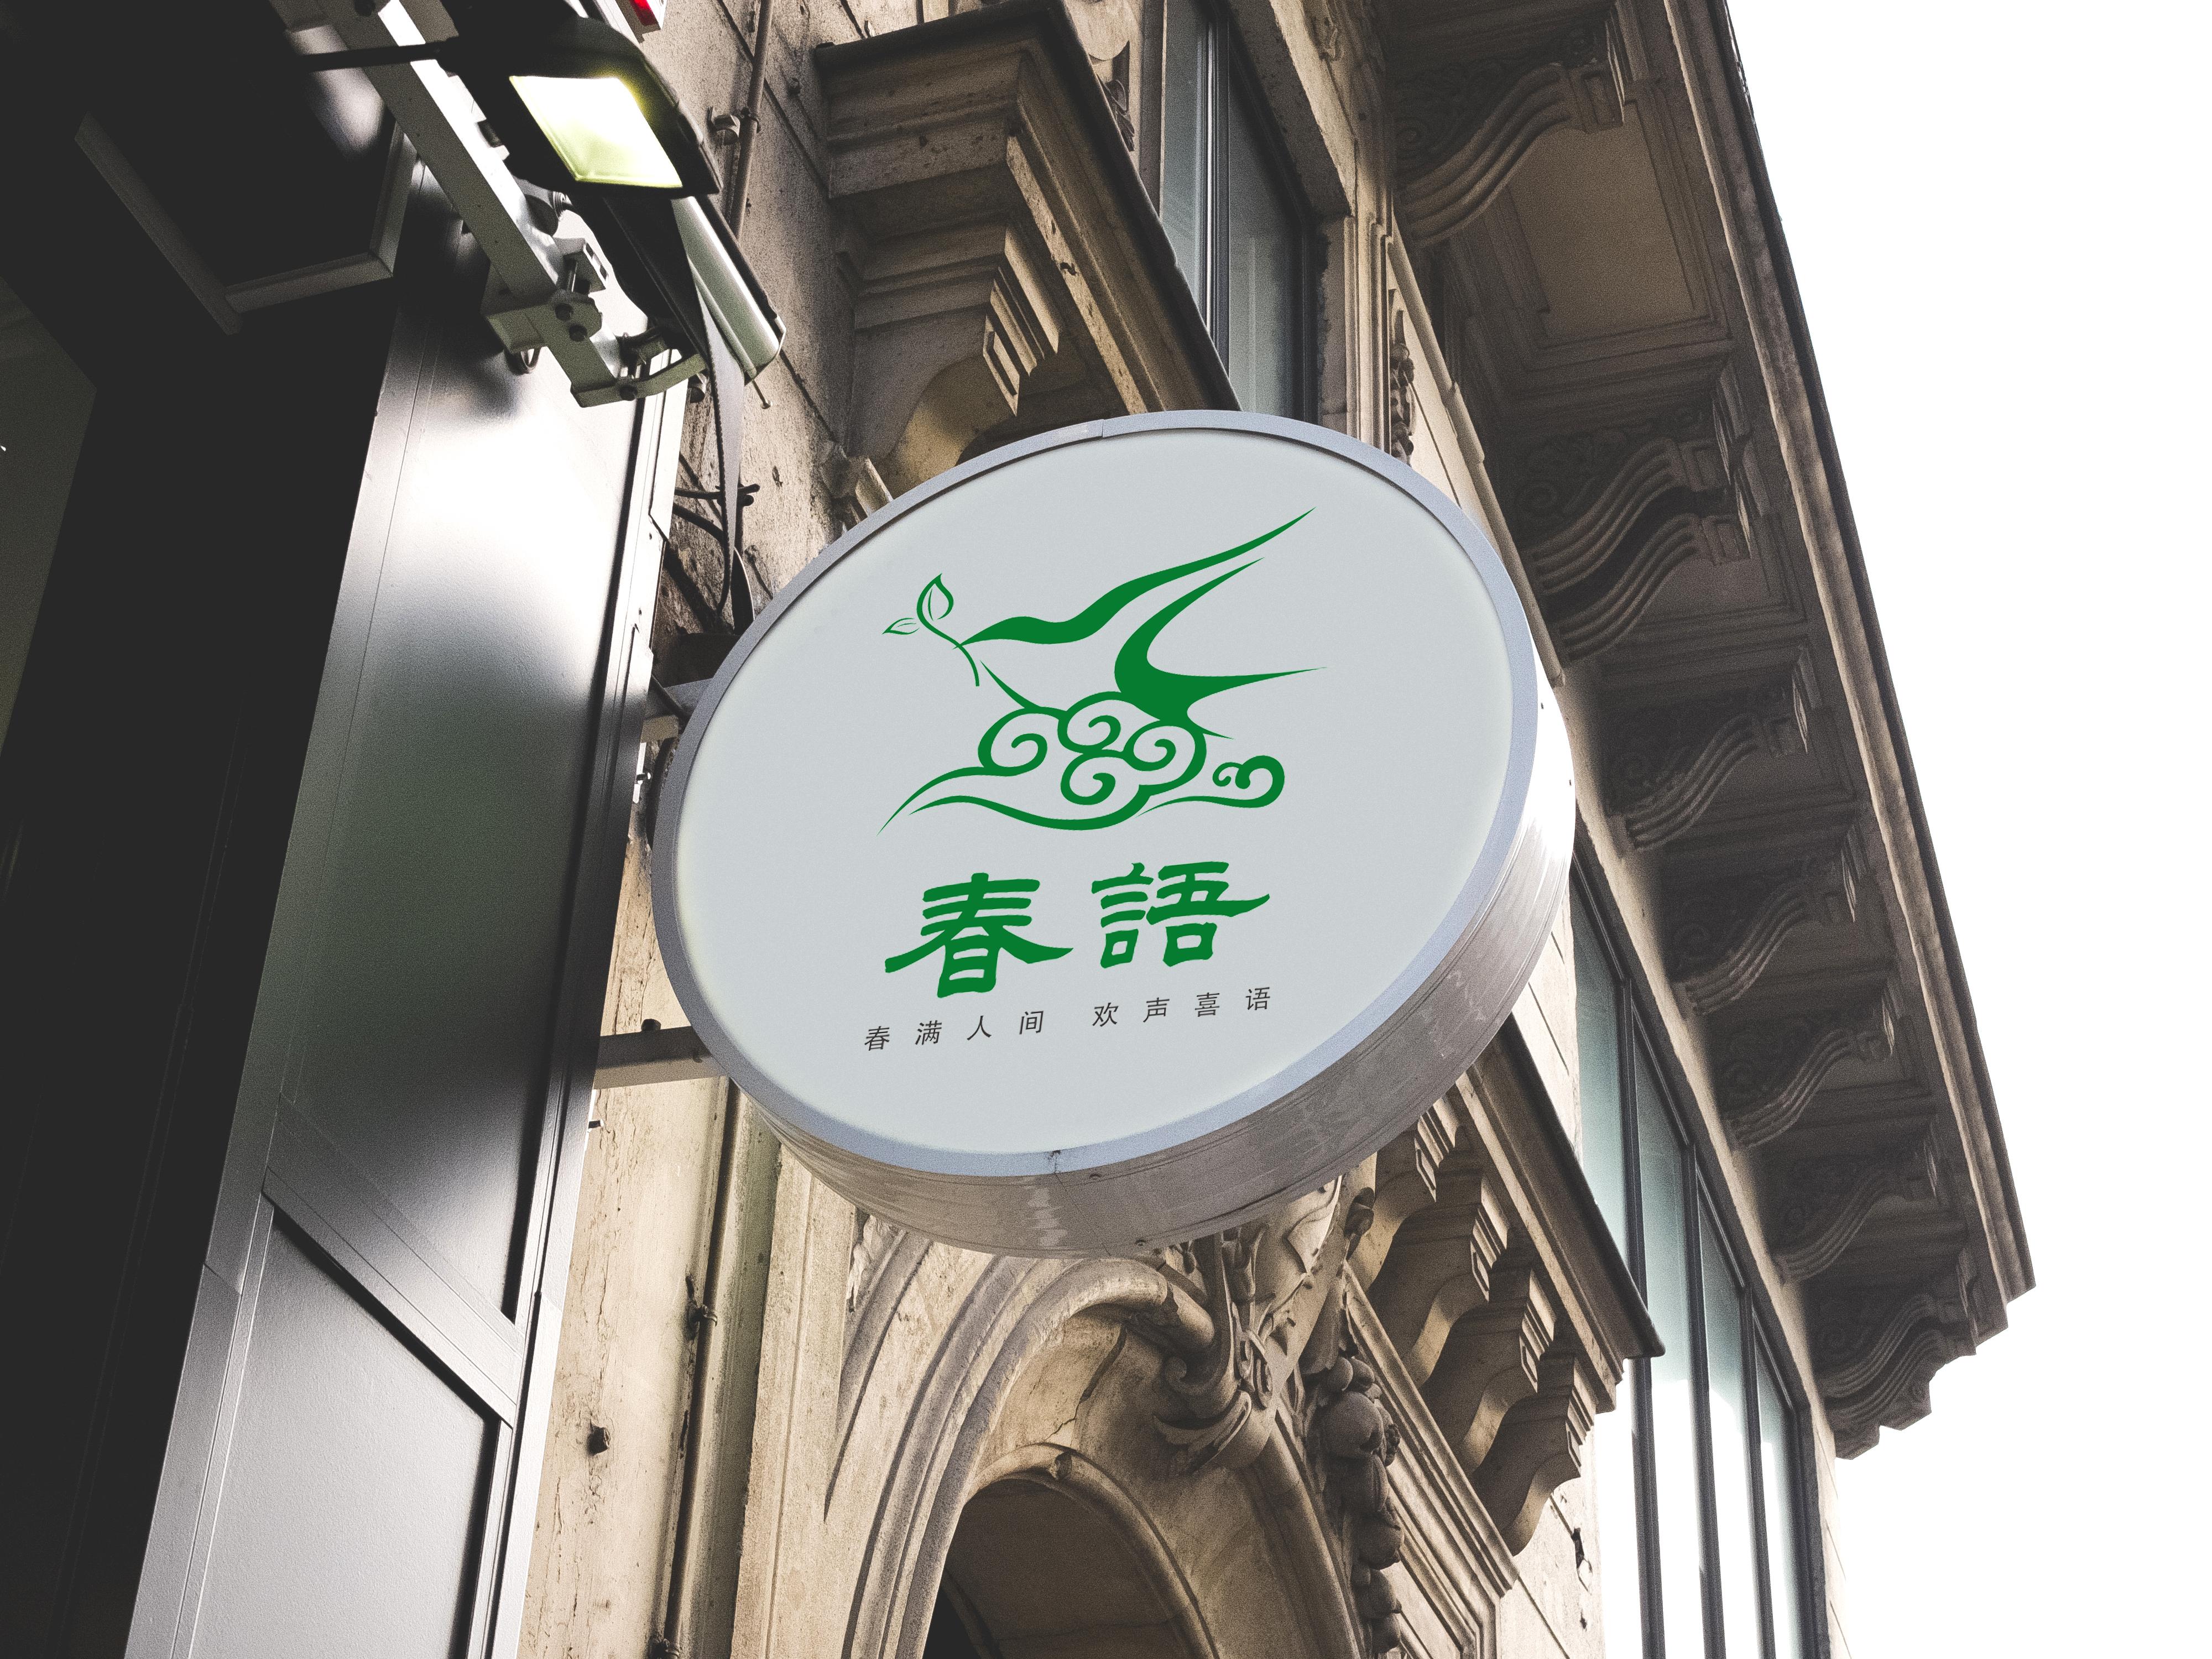 公司品牌logo_3034733_k68威客网